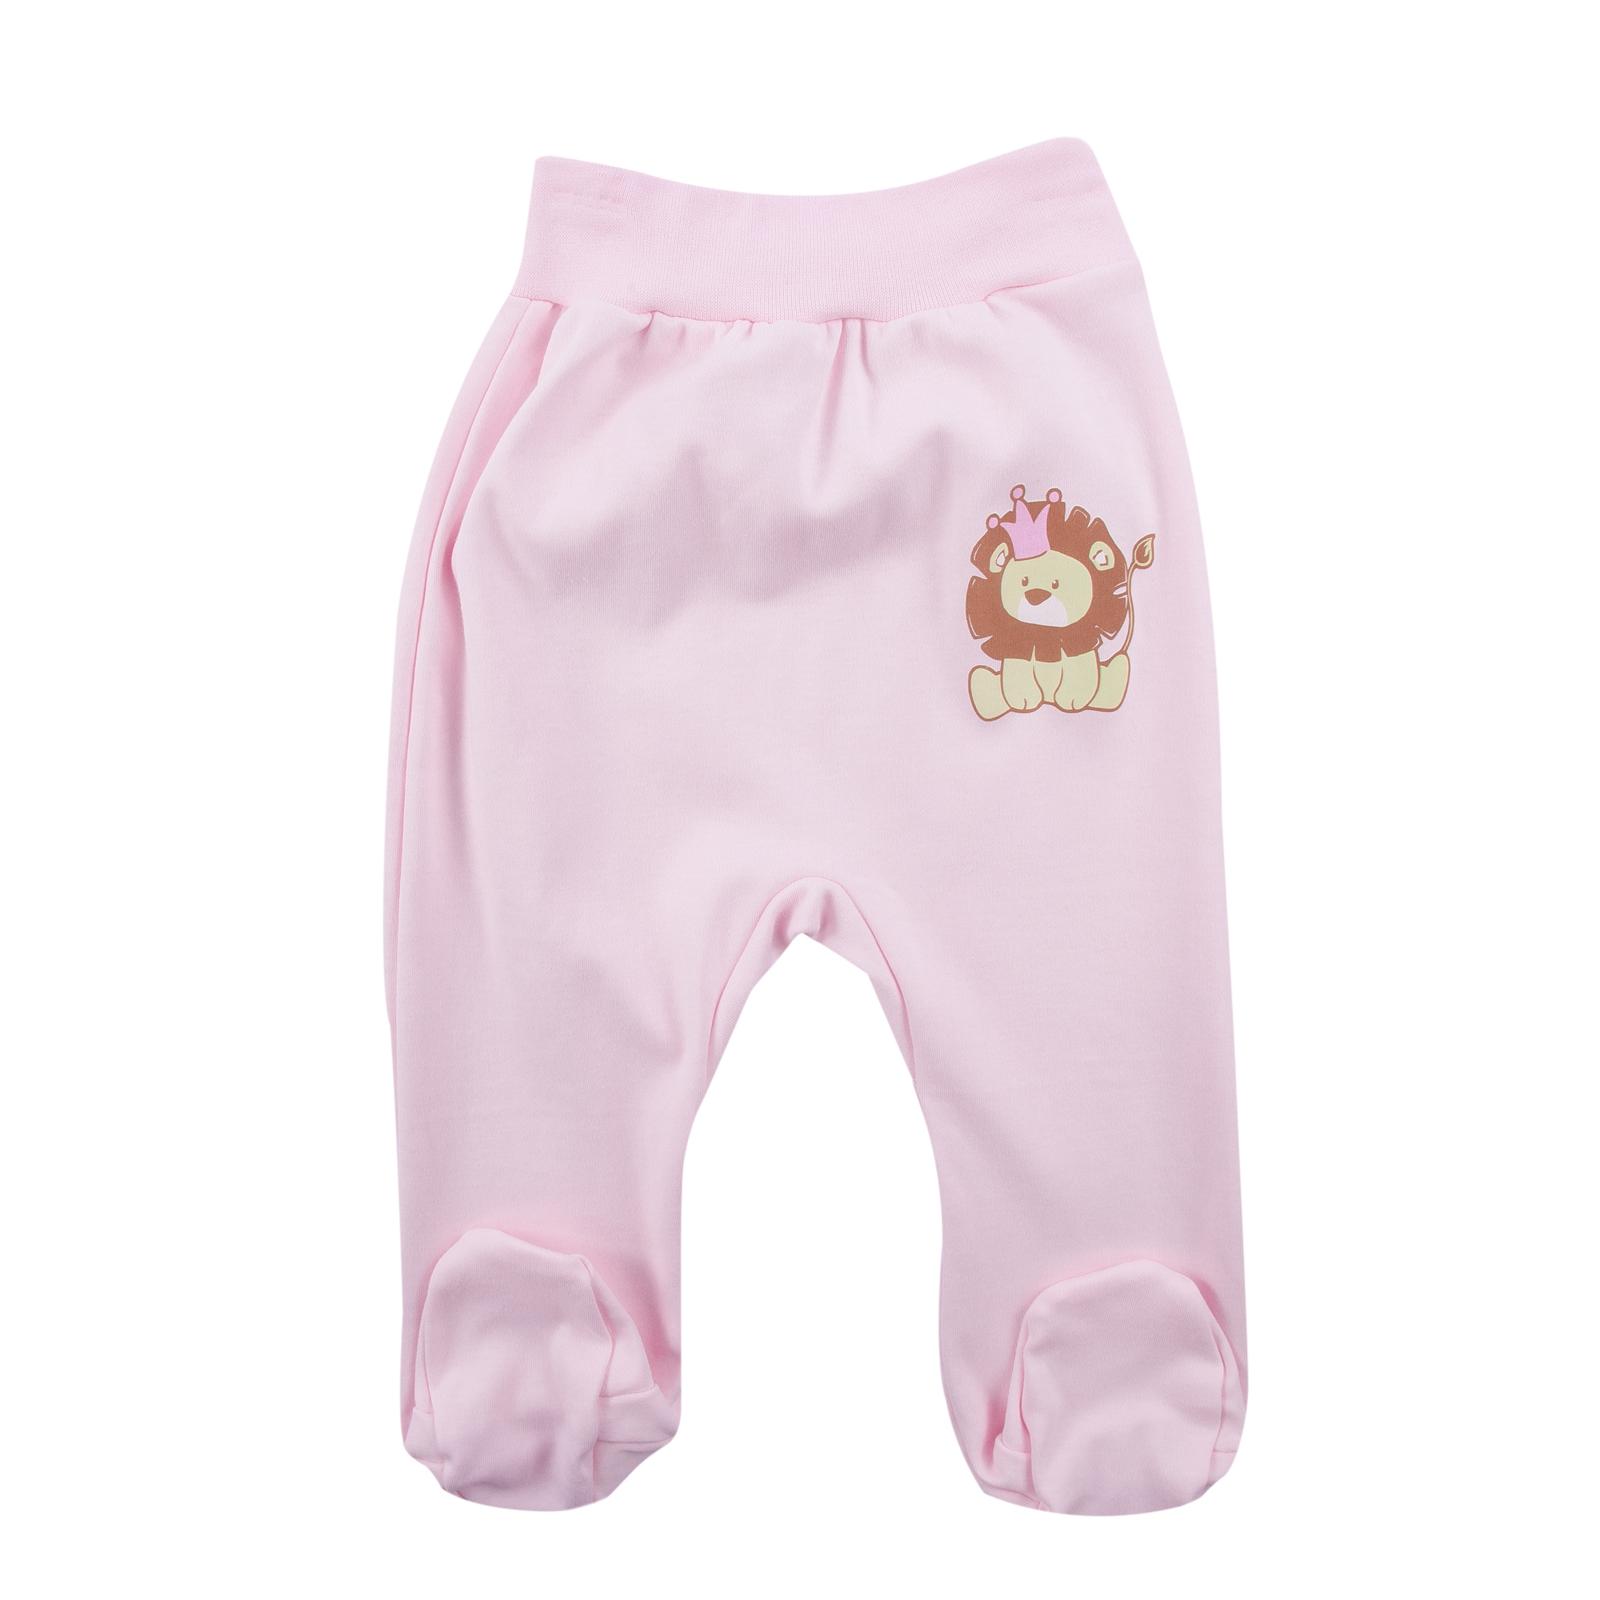 Ползунки КОТМАРКОТ для девочки, цвет розовый 9-12 мес (размер 80)<br>